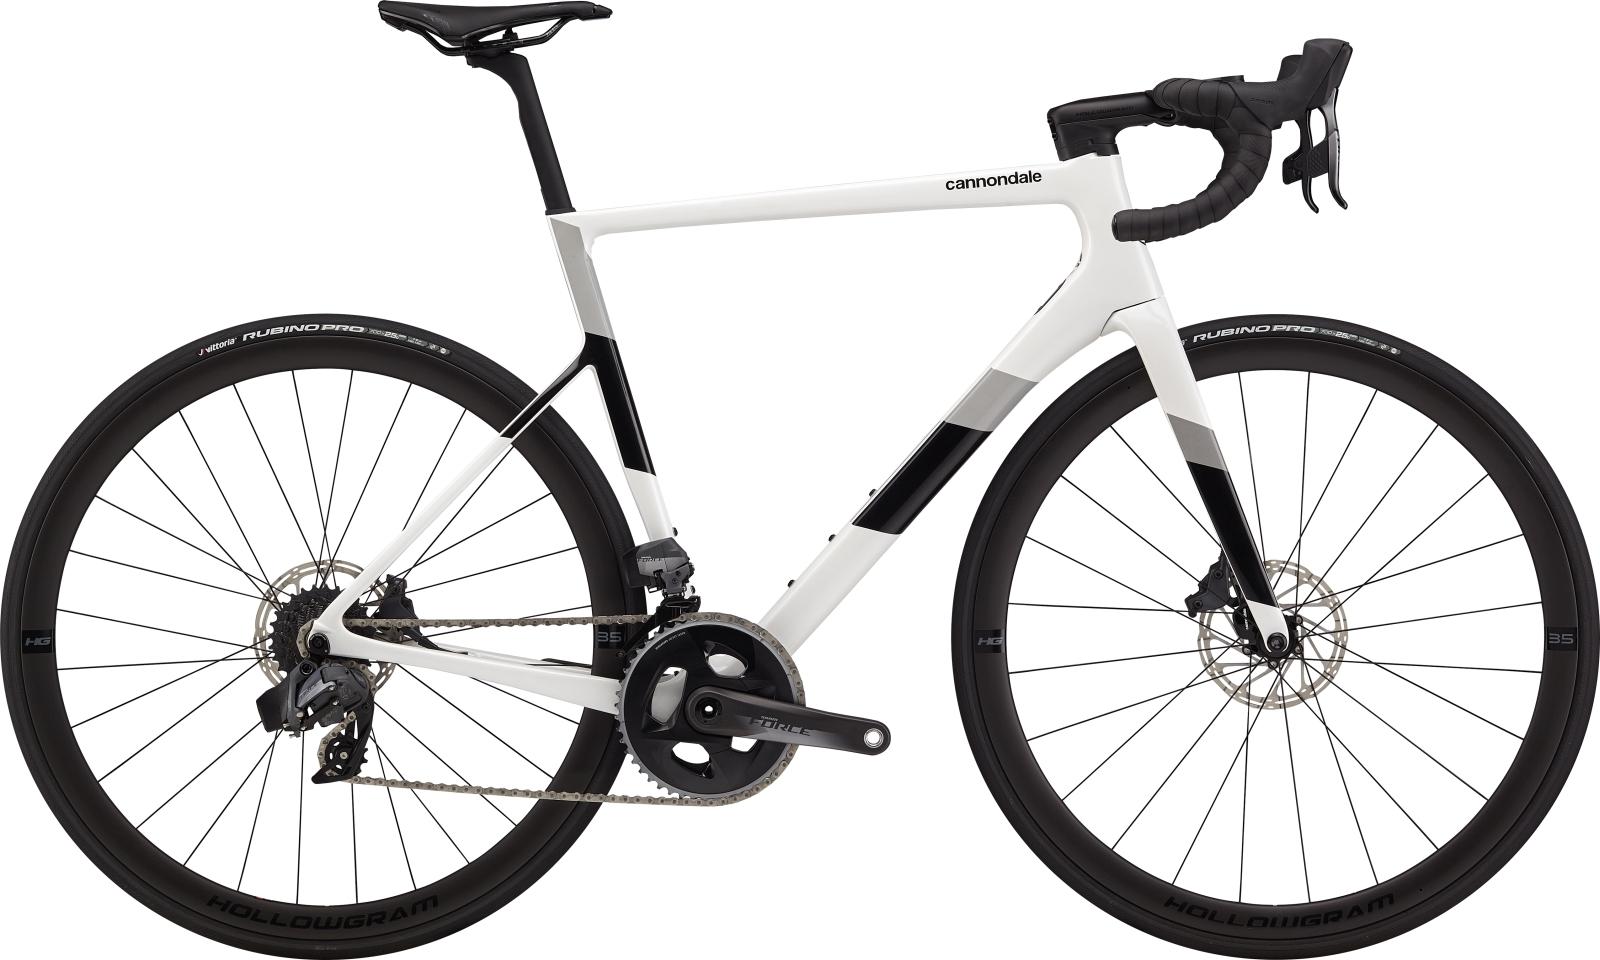 Cannondale Super Six Evo Carbon Disc Force eTap országúti kerékpár - fehér - 54 cm (2020)